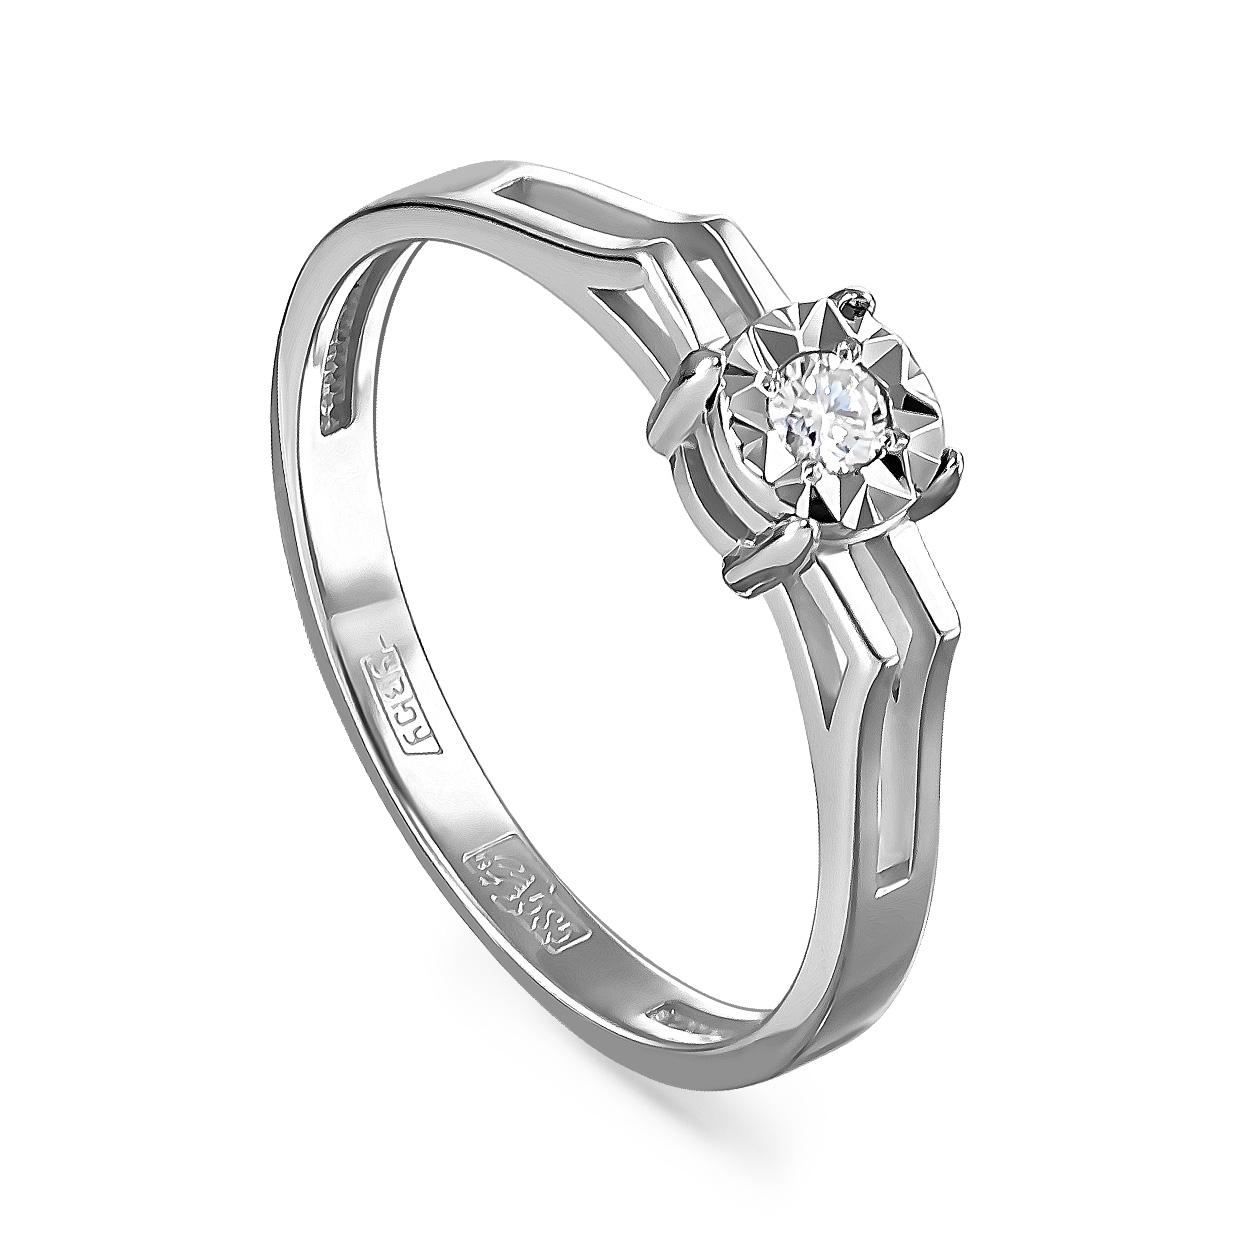 Кольцо из белого золота Бриллиант арт. 11-11111-1000 11-11111-1000